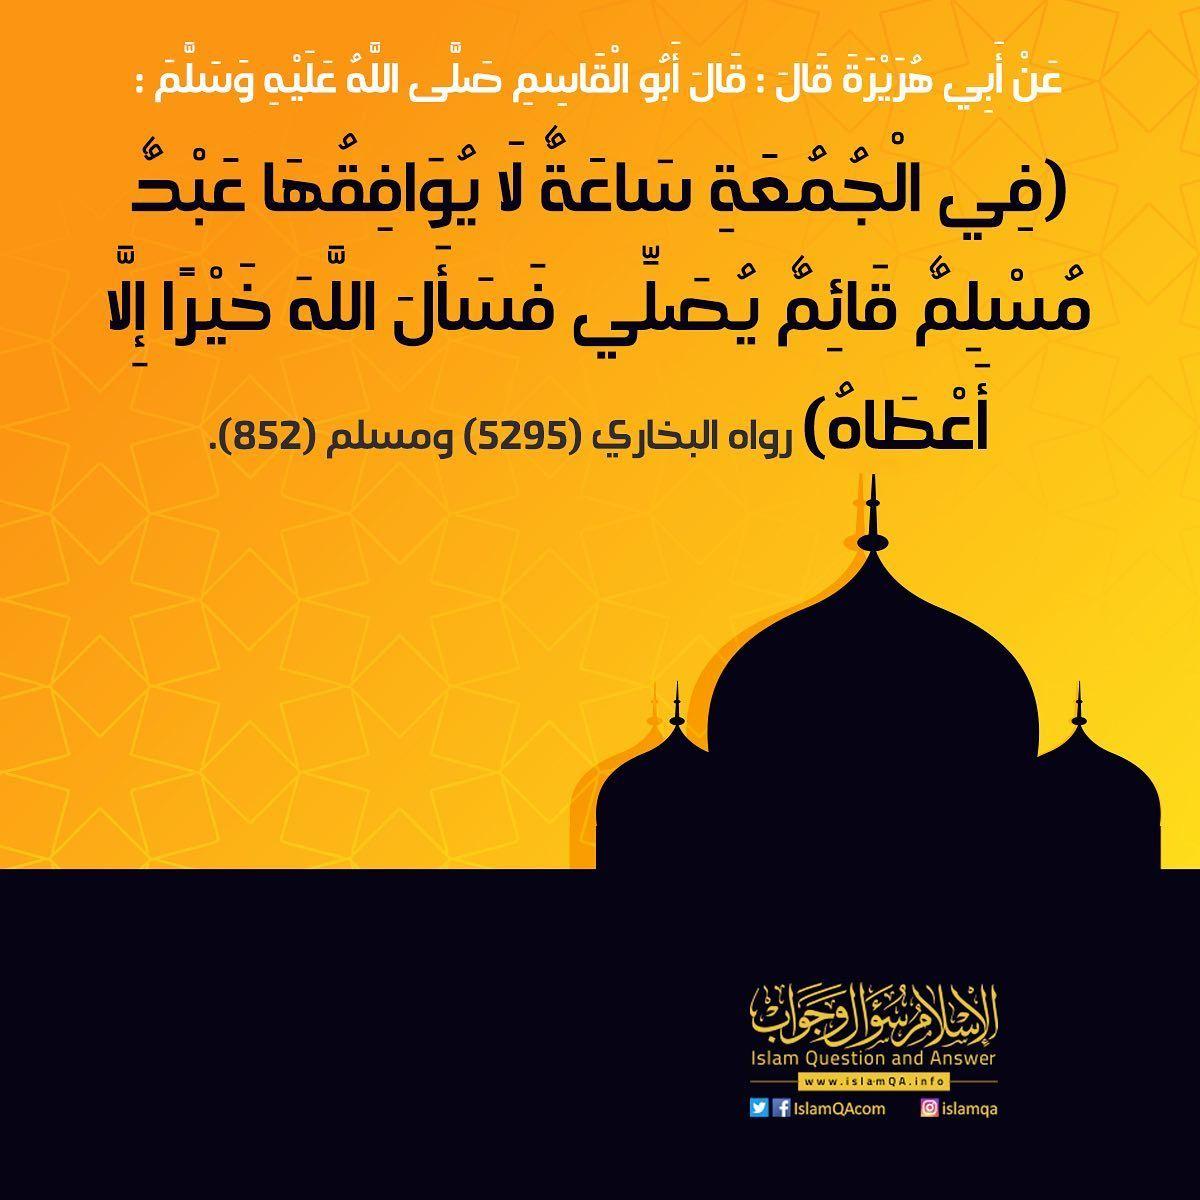 ساعة إجابة أدعية لتحصيل الرزق والغنى وقضاء الدين Bit Ly 31kv89h أدعية لتفريج الهم والكرب Bit Ly 31bfh8l Answers This Or That Questions Islam